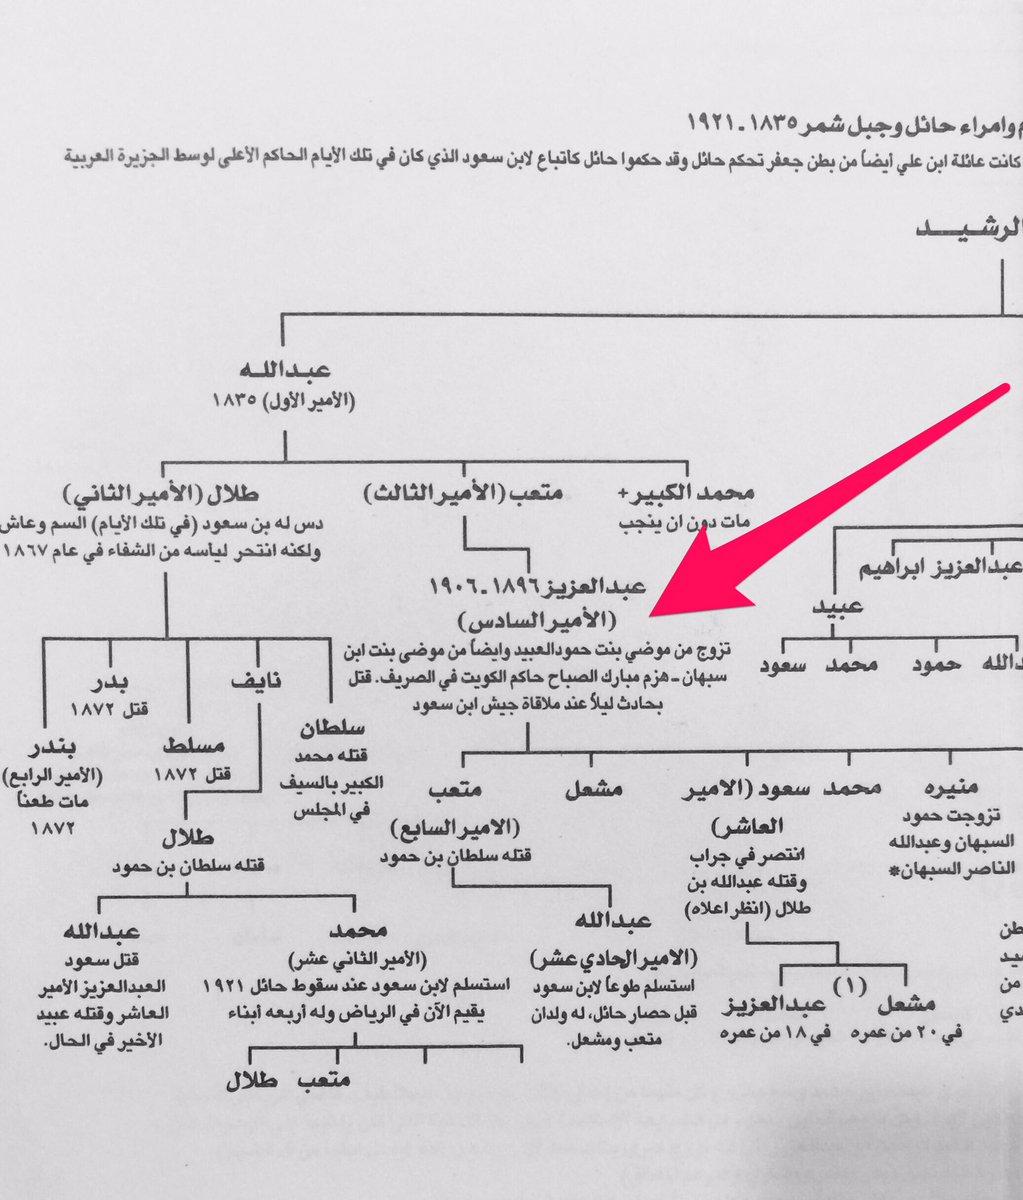 وثائق من التاريخ En Twitter أحسنت تبق ى من أبناء عبدالعزيز بن متعب بن عبدالله بن رشيد إلخ التغريده أشكرك